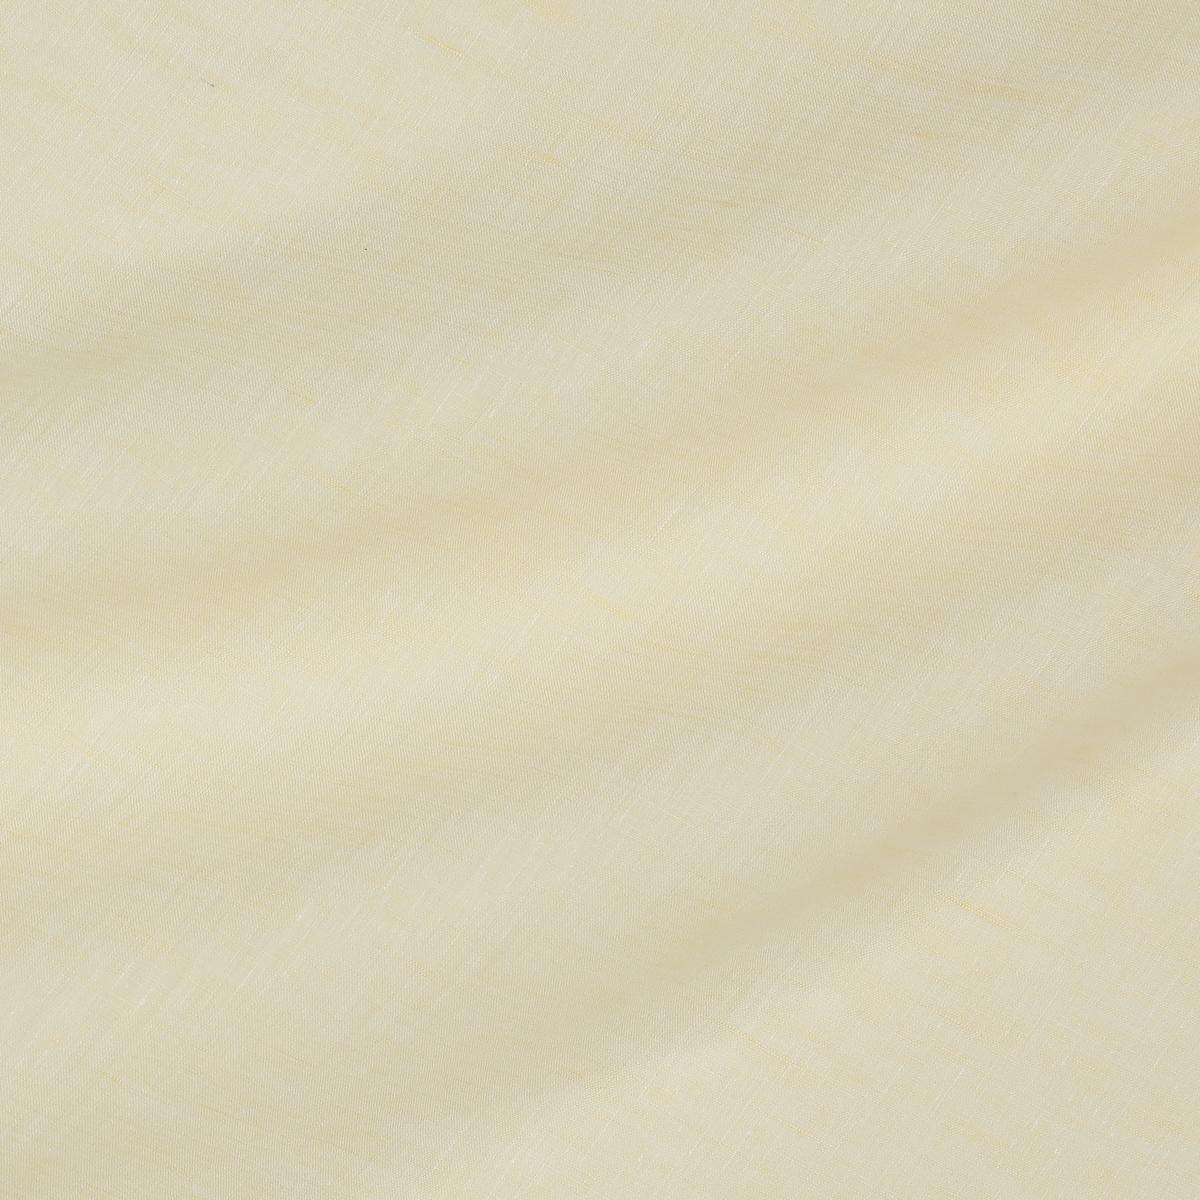 Тонкое льняное полотно бледно-жёлтого цвета